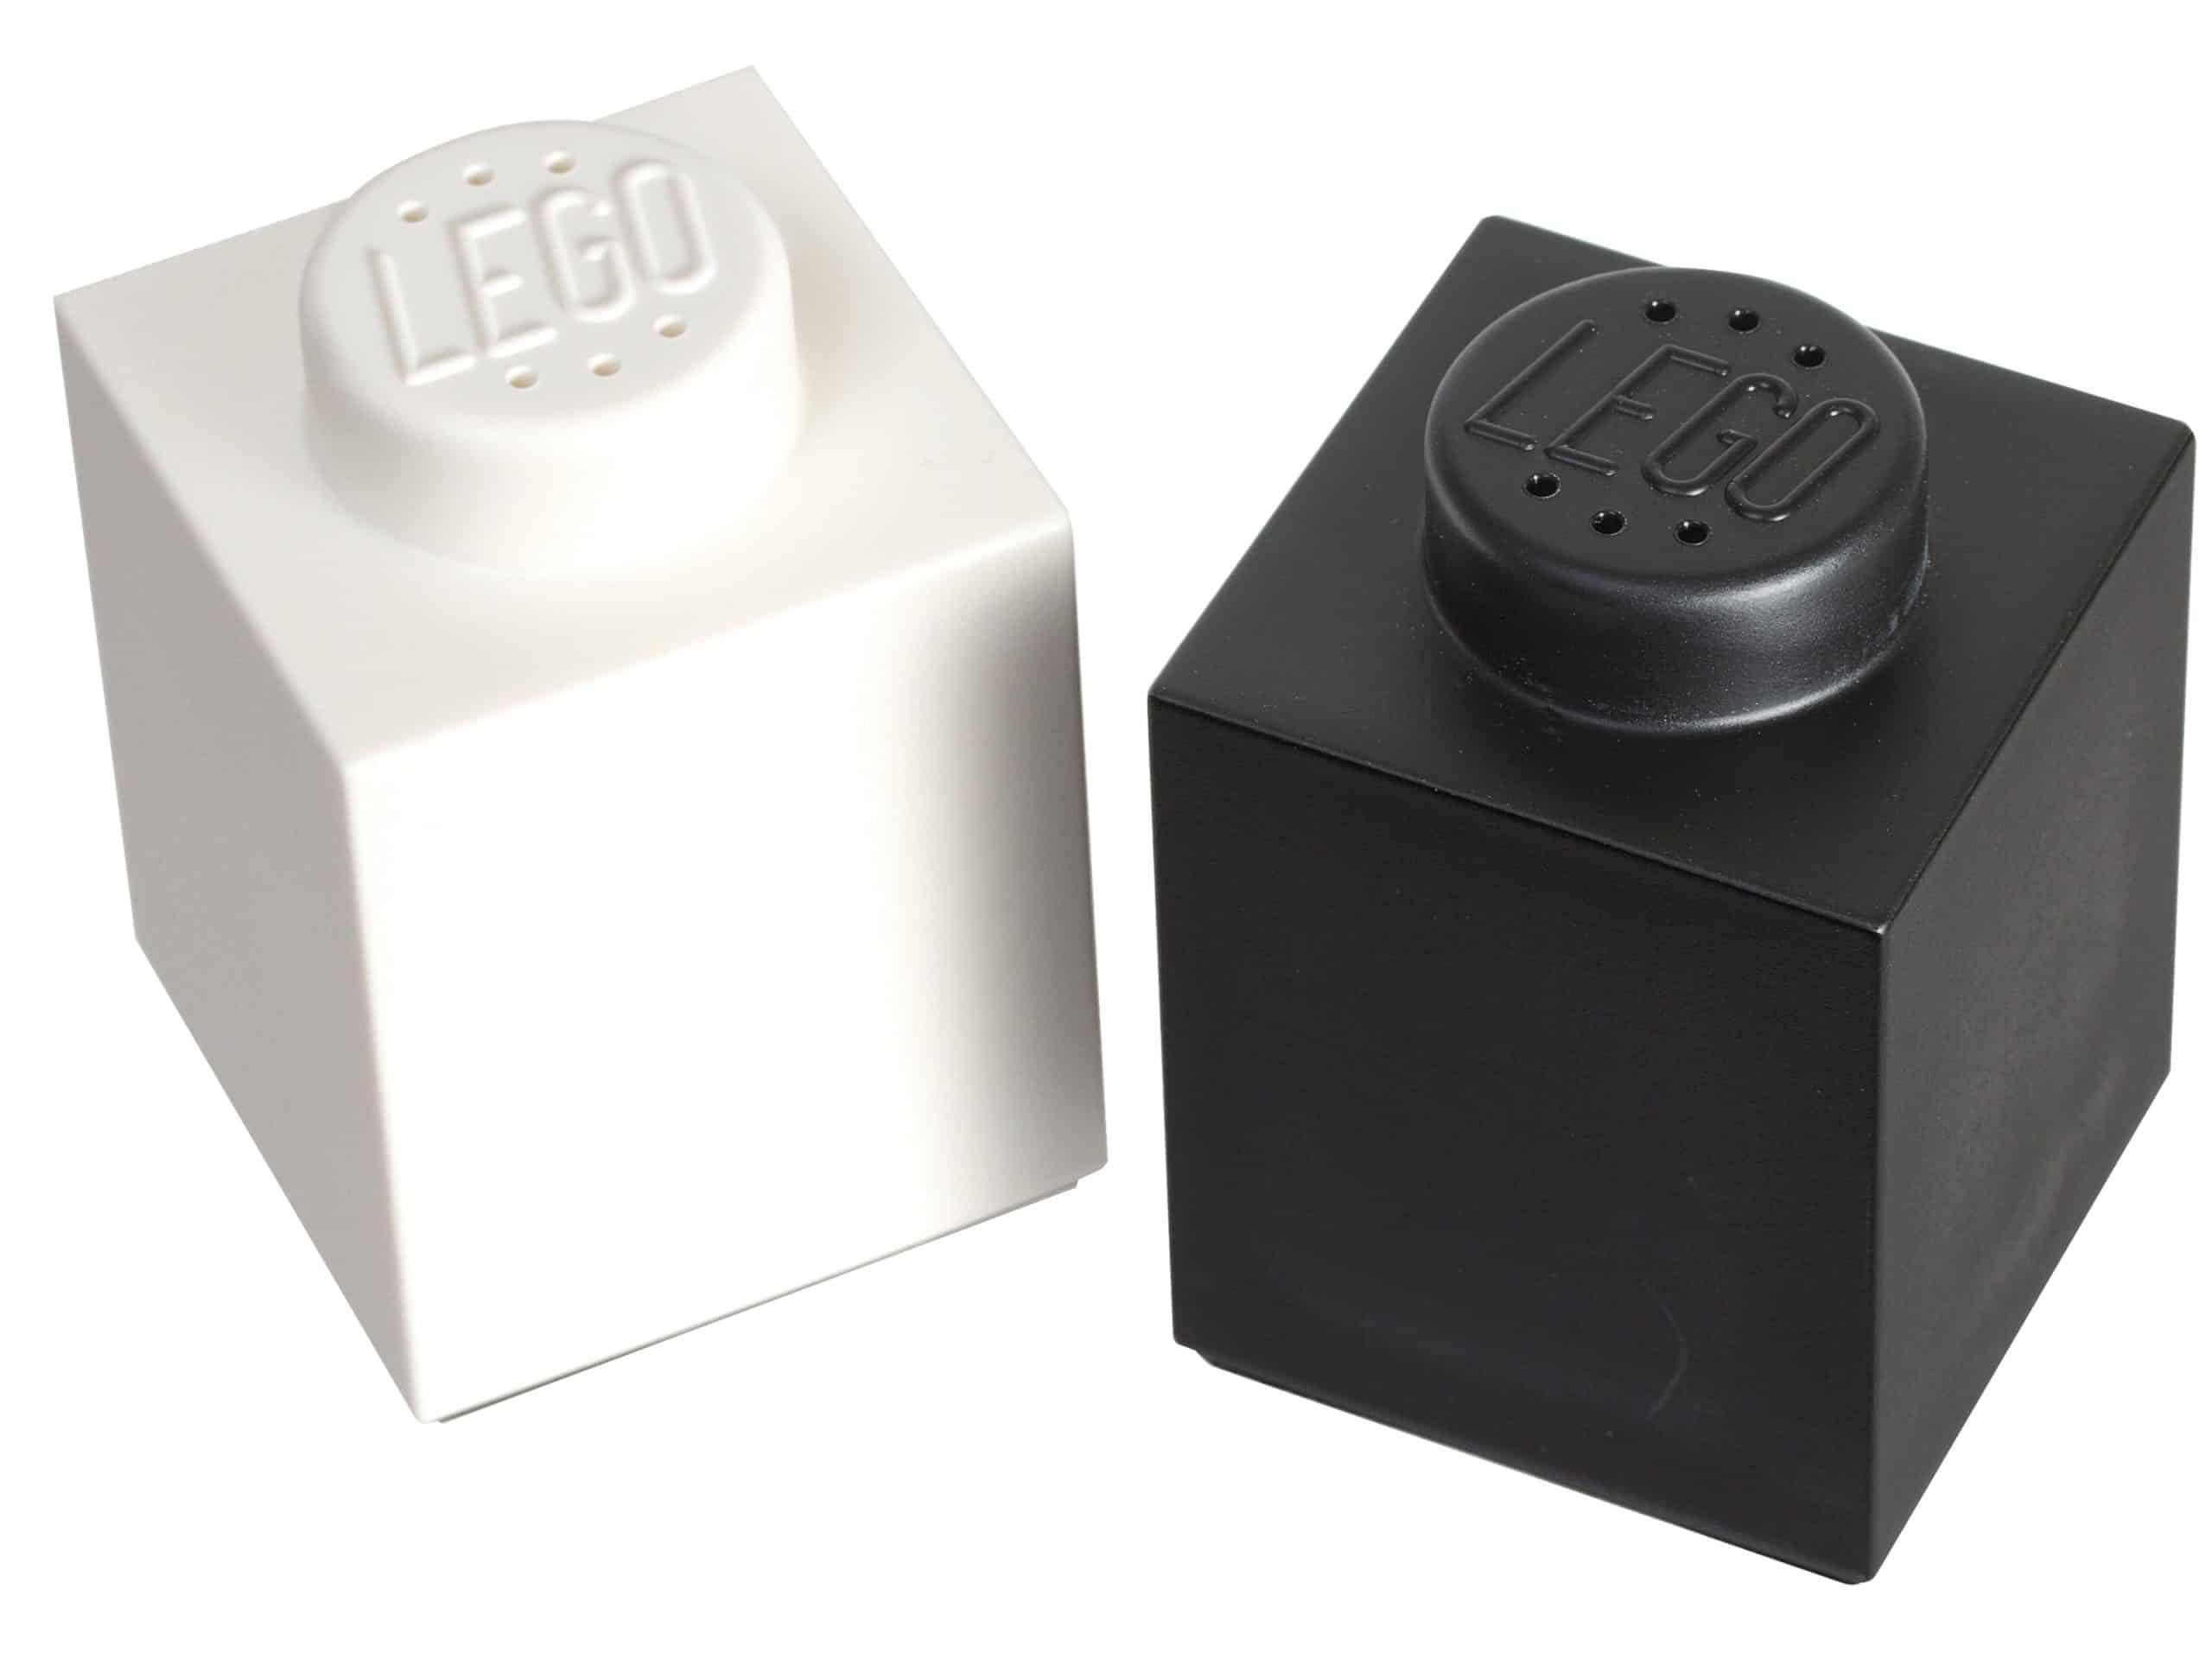 lego 850705 salt och pepparset scaled